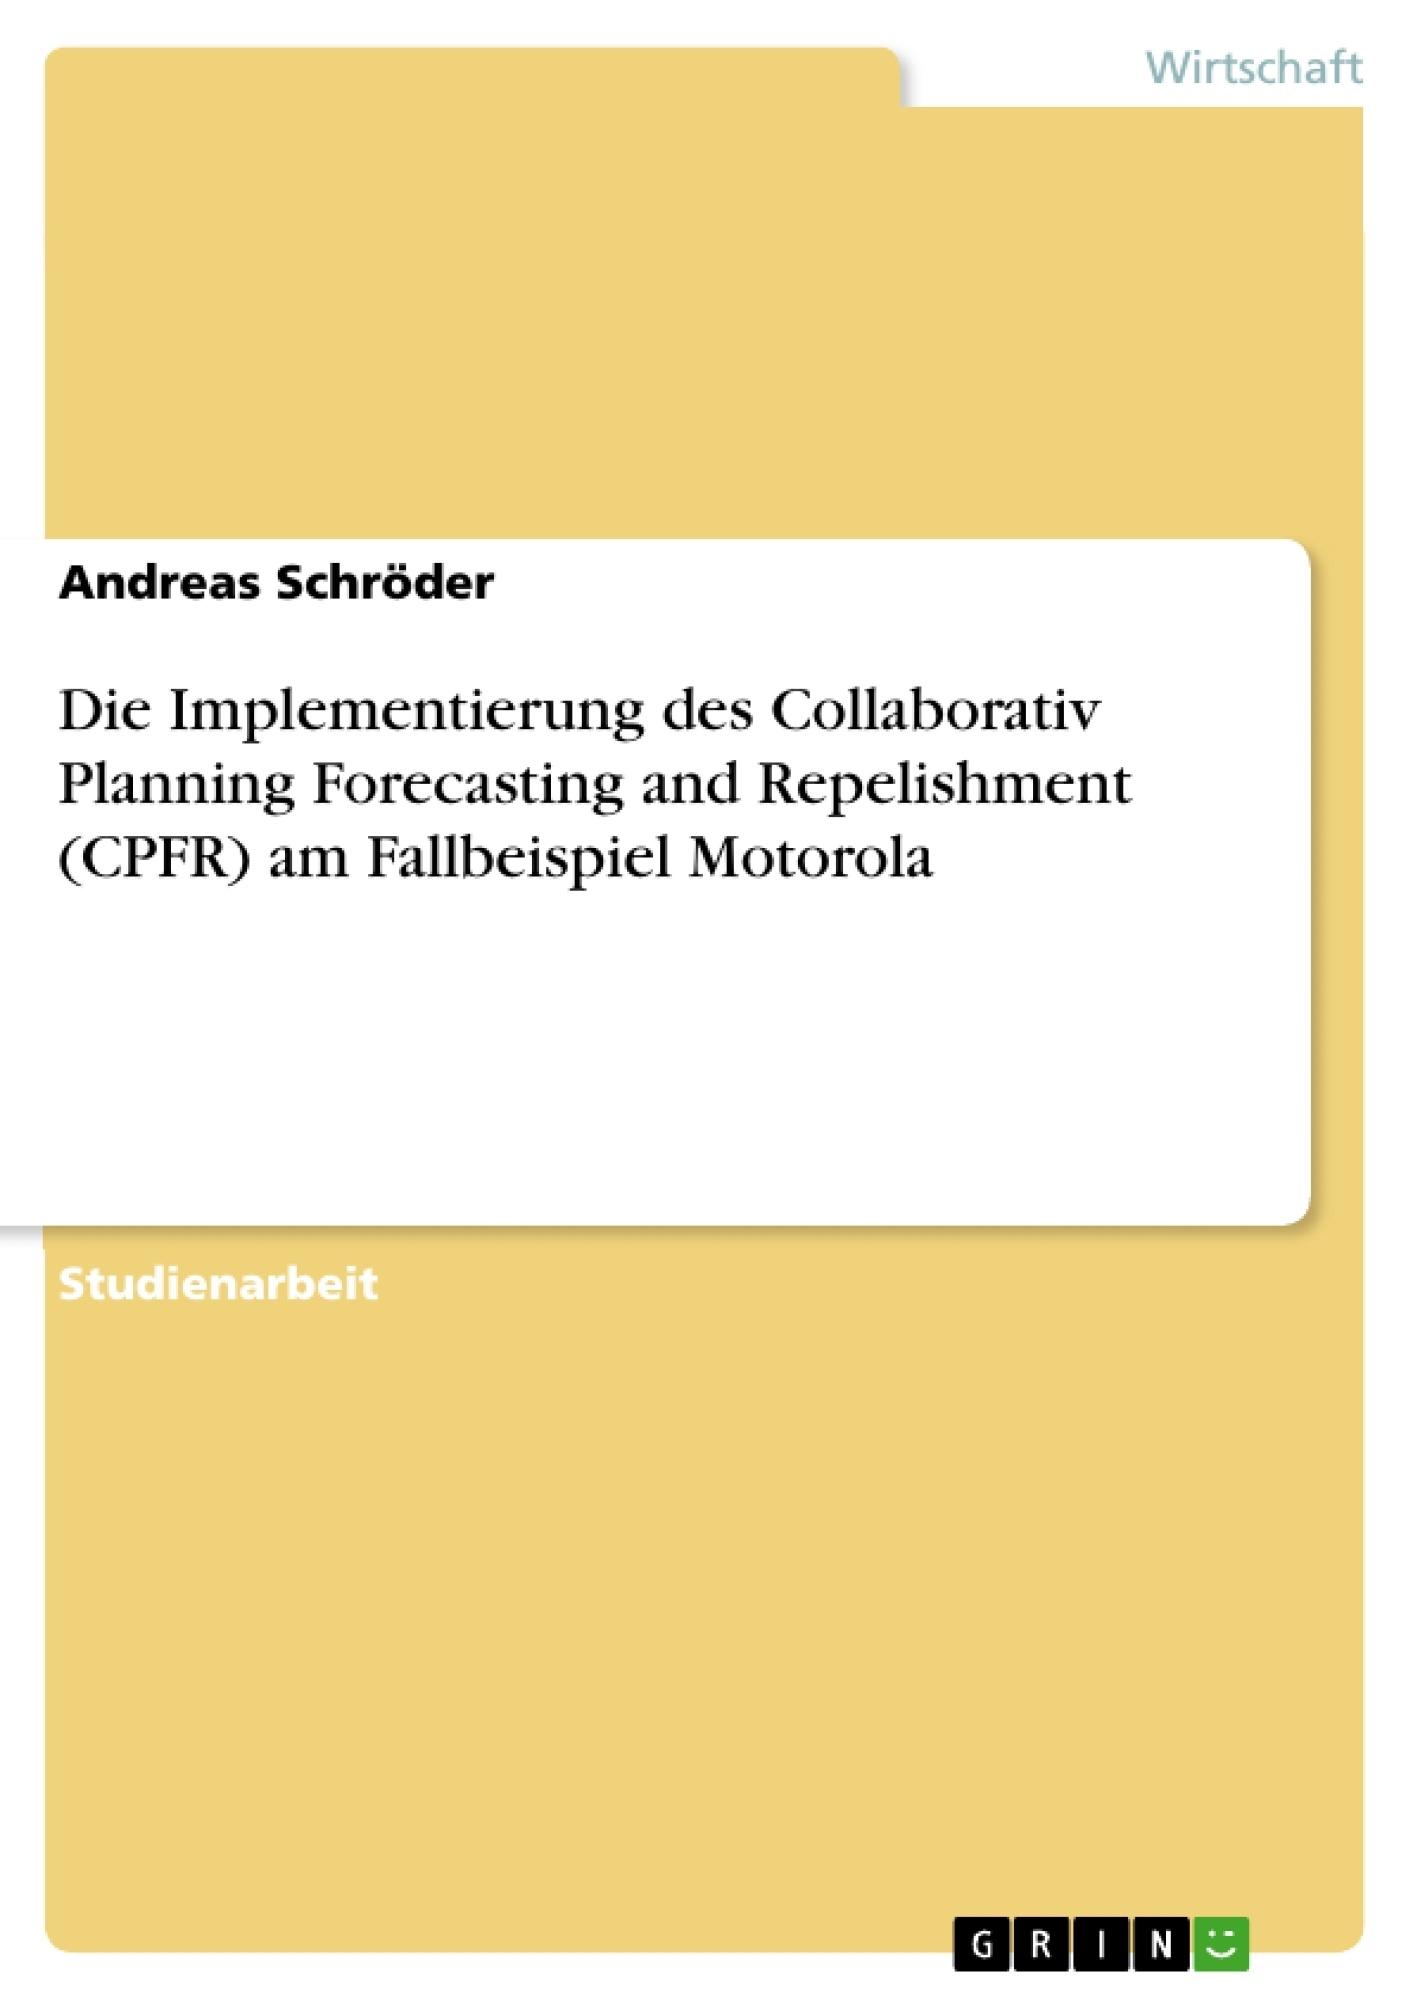 Titel: Die Implementierung des Collaborativ Planning Forecasting and Repelishment (CPFR) am Fallbeispiel Motorola